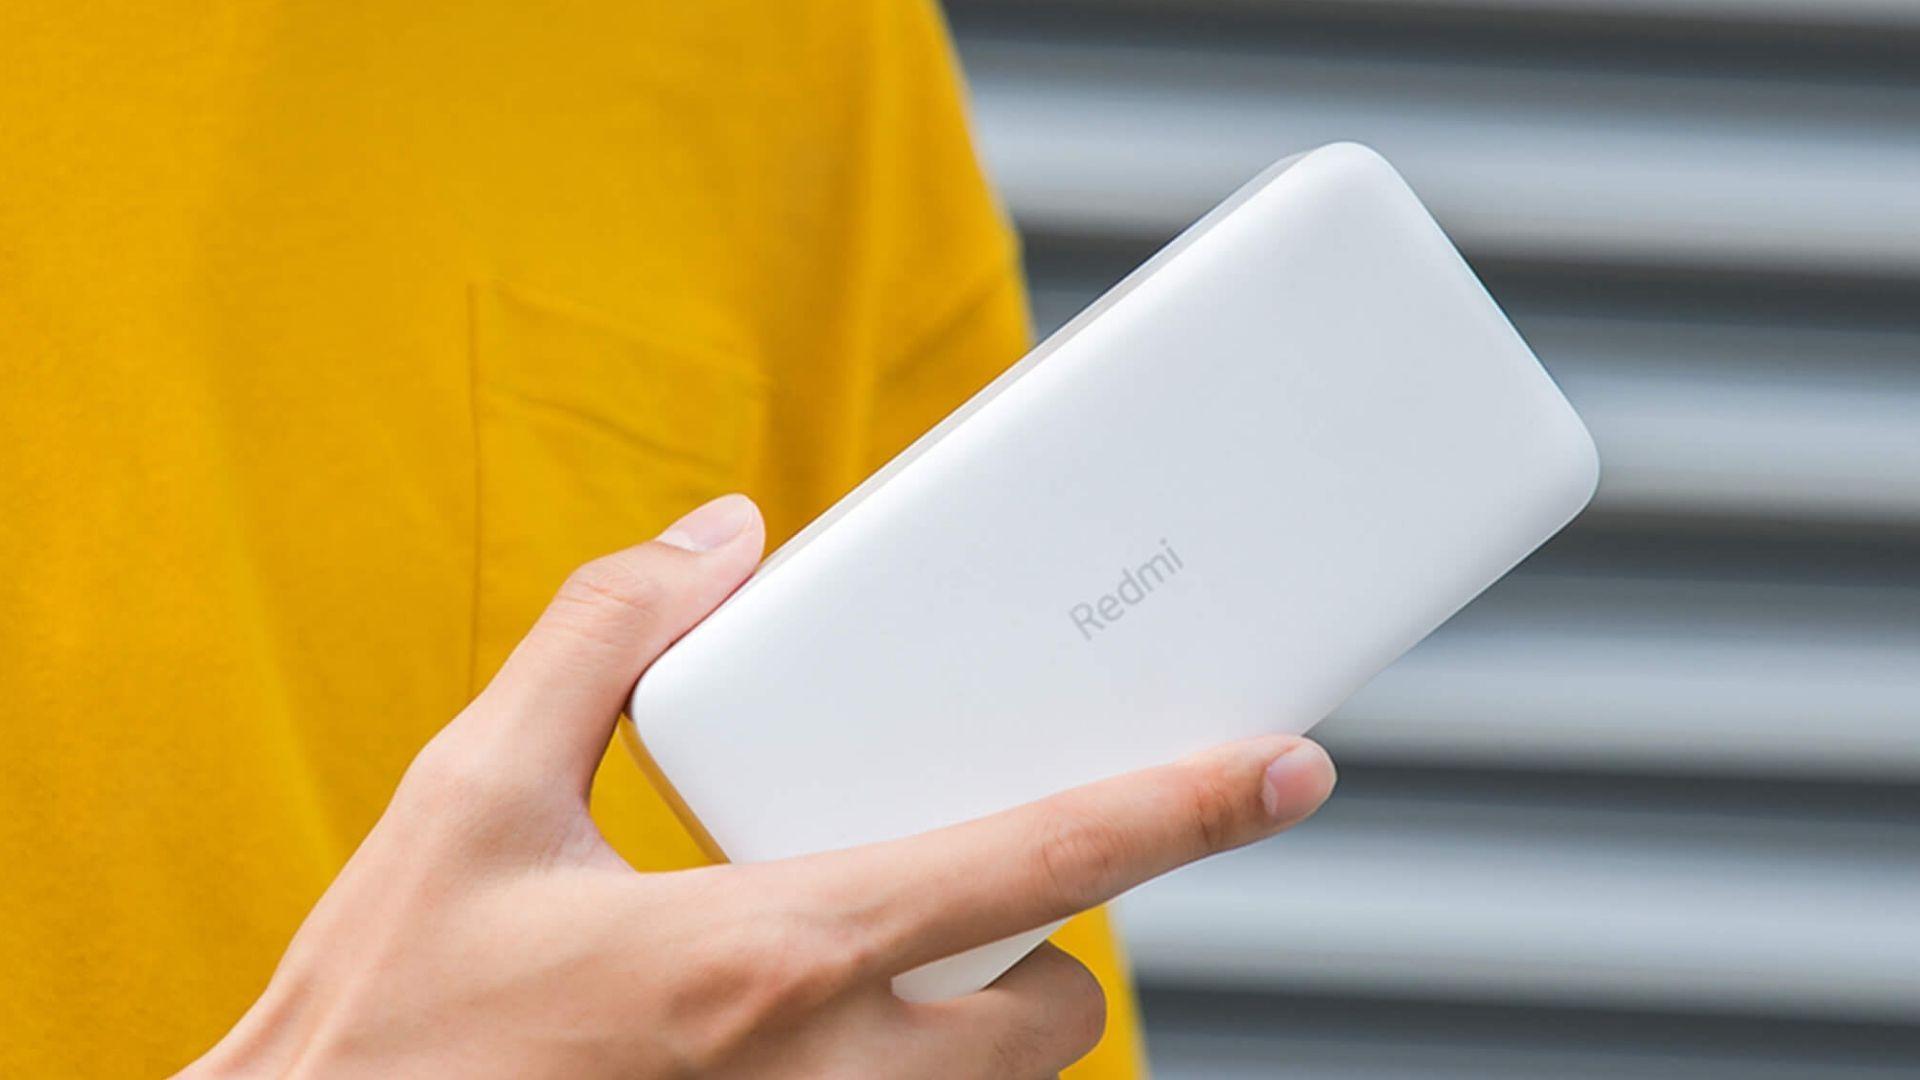 Bateria Externa Power bank Xiaomi 2C 20000mAh (Foto: Xiaomi / Divulgação)